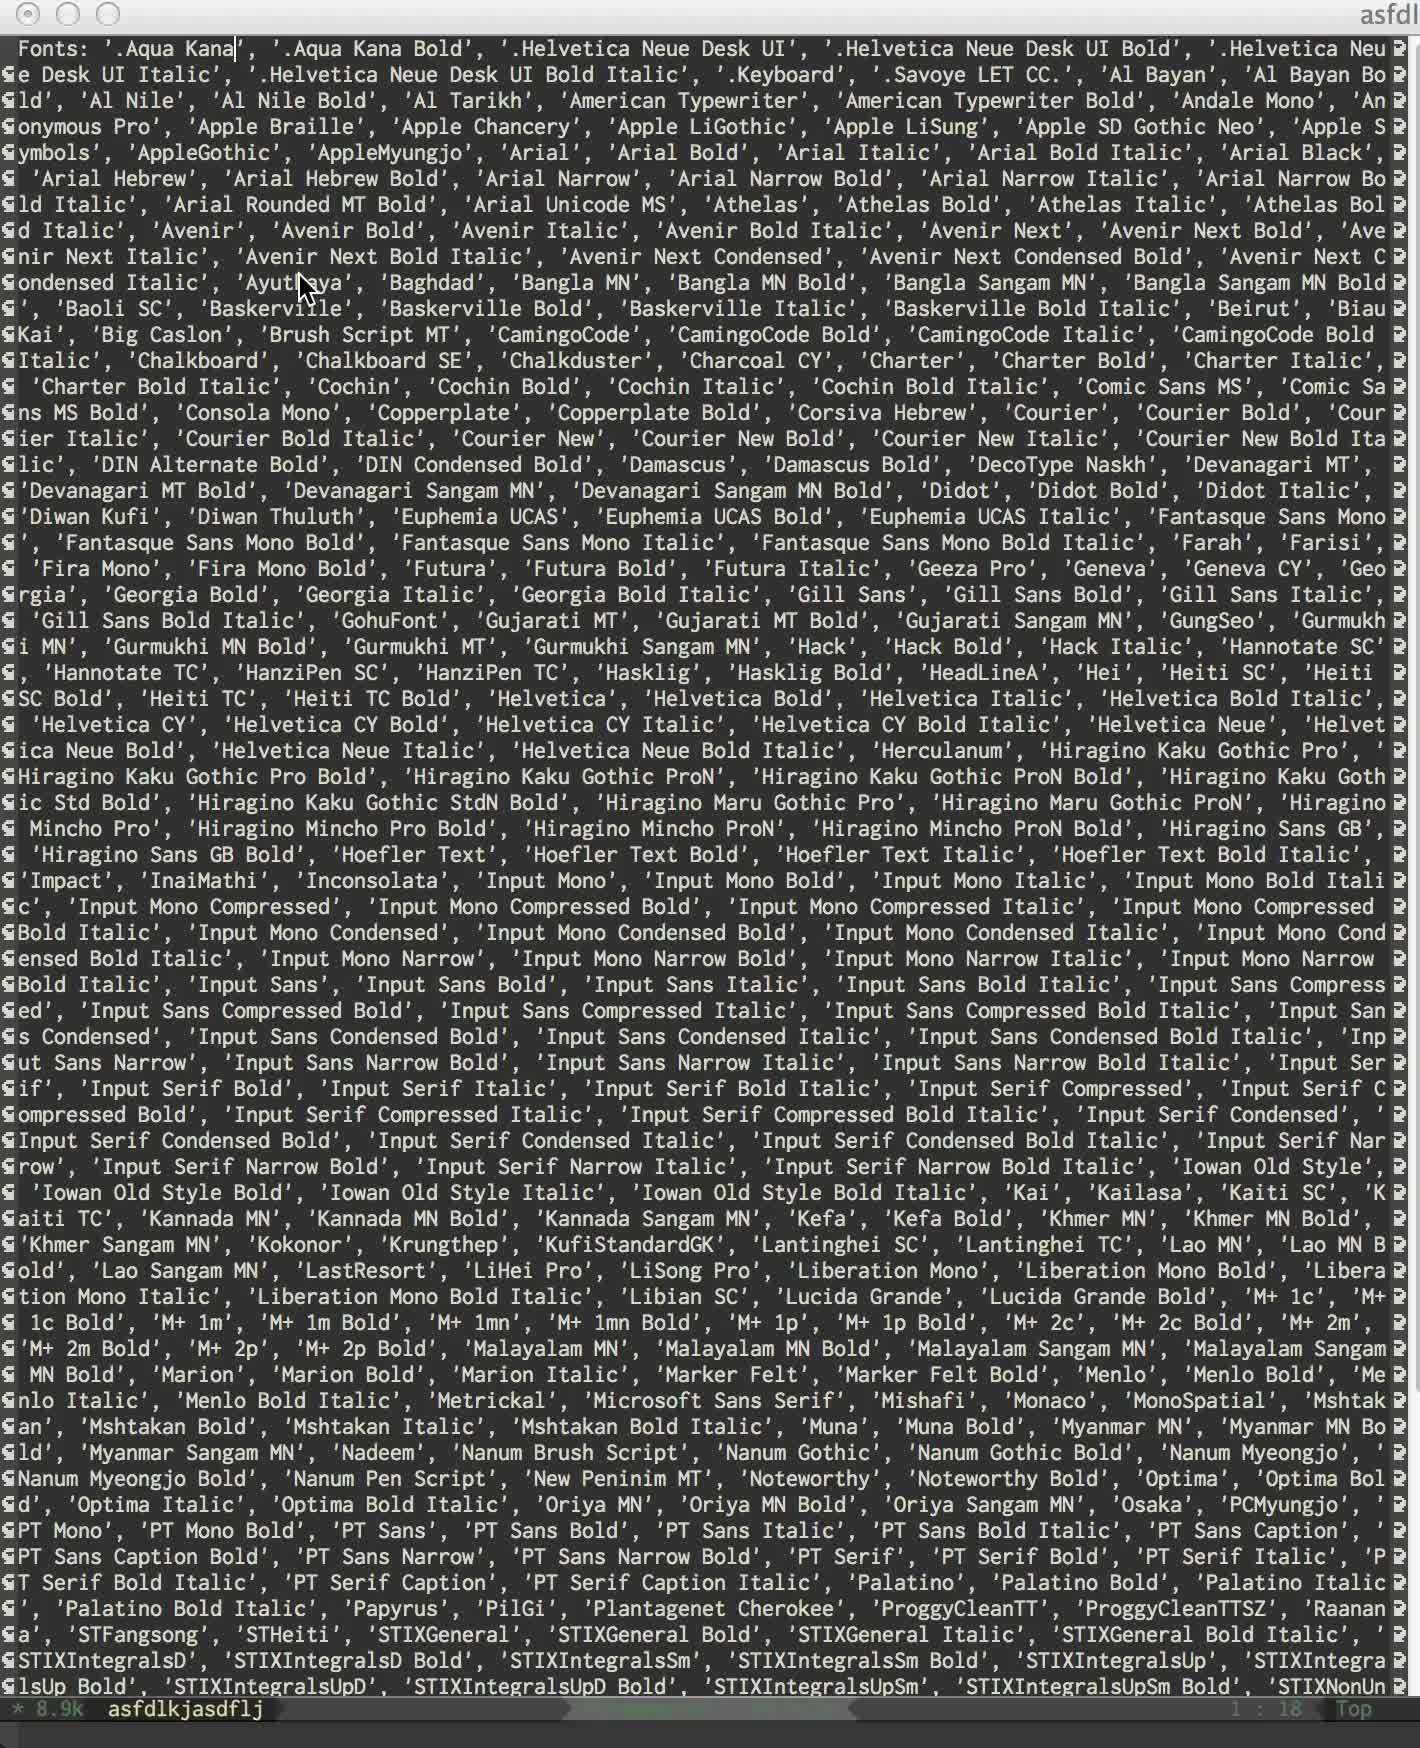 emacs, whoa, whoa GIFs